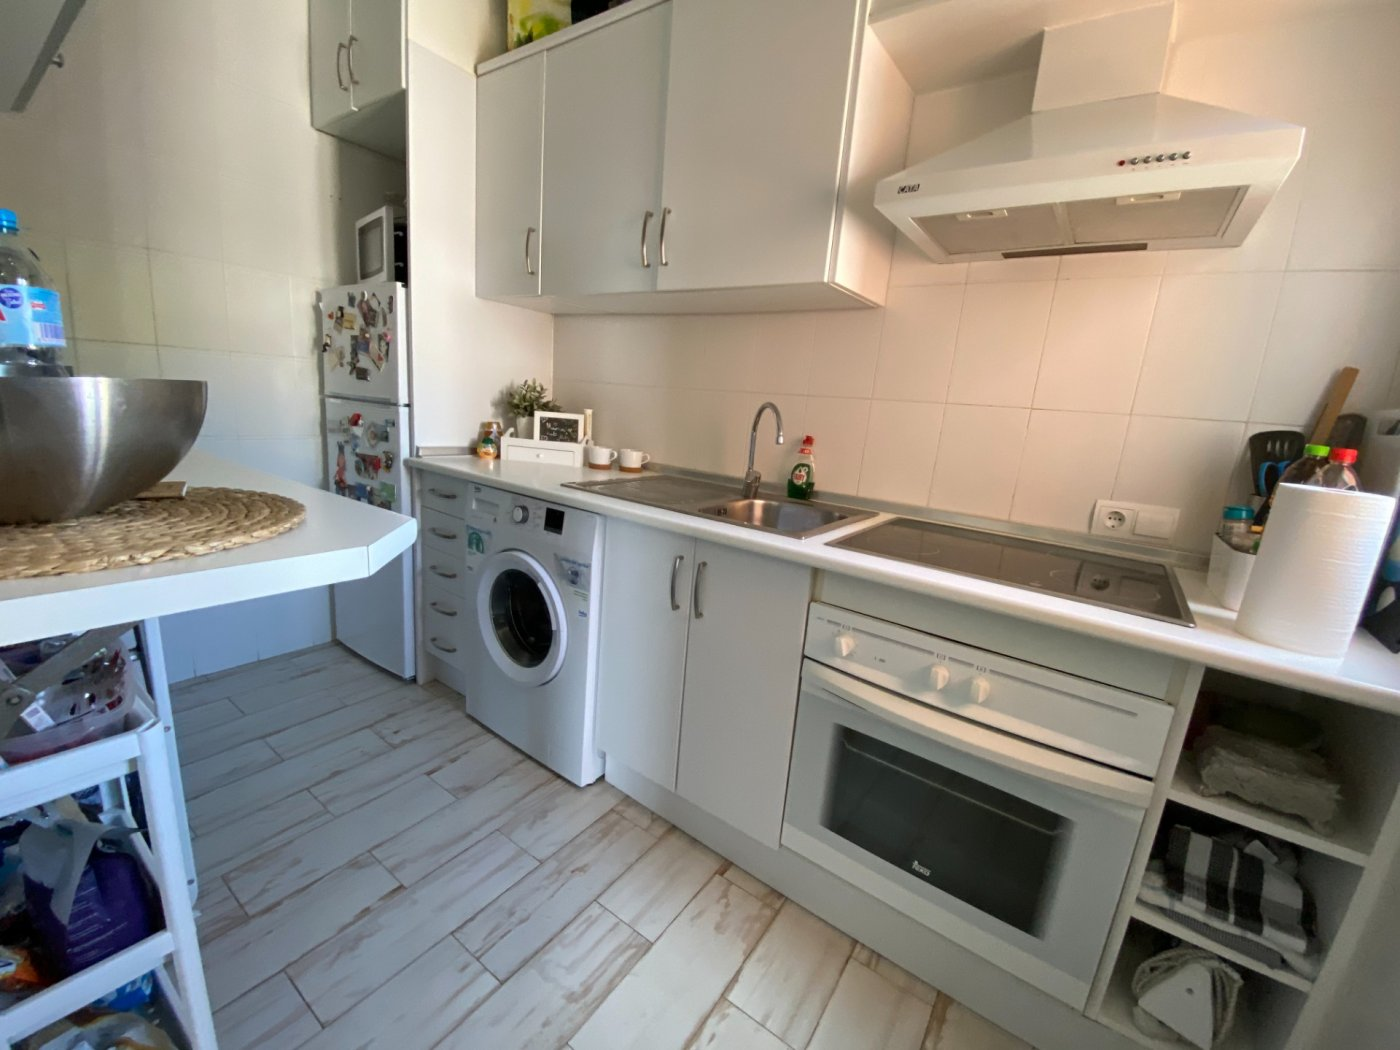 Alquiler con opcion de compra!espectacular apartamento con vistas al mar y parking propio - imagenInmueble10